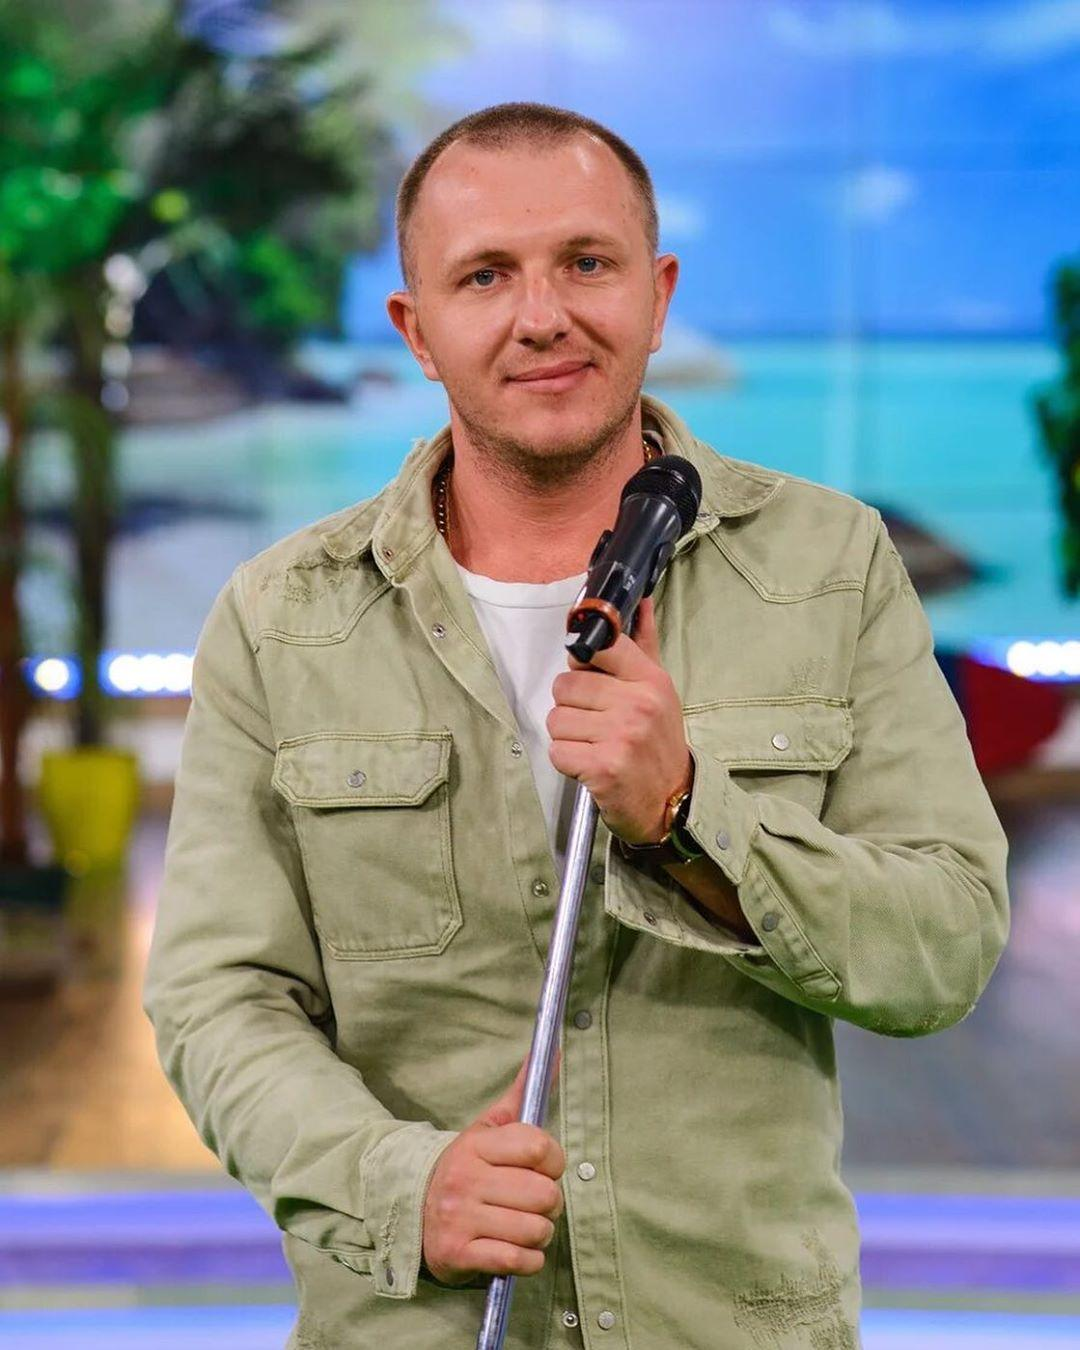 Андрей Григорьев-Апполонов стал участником телепроекта «Дом-2» на ТНТ